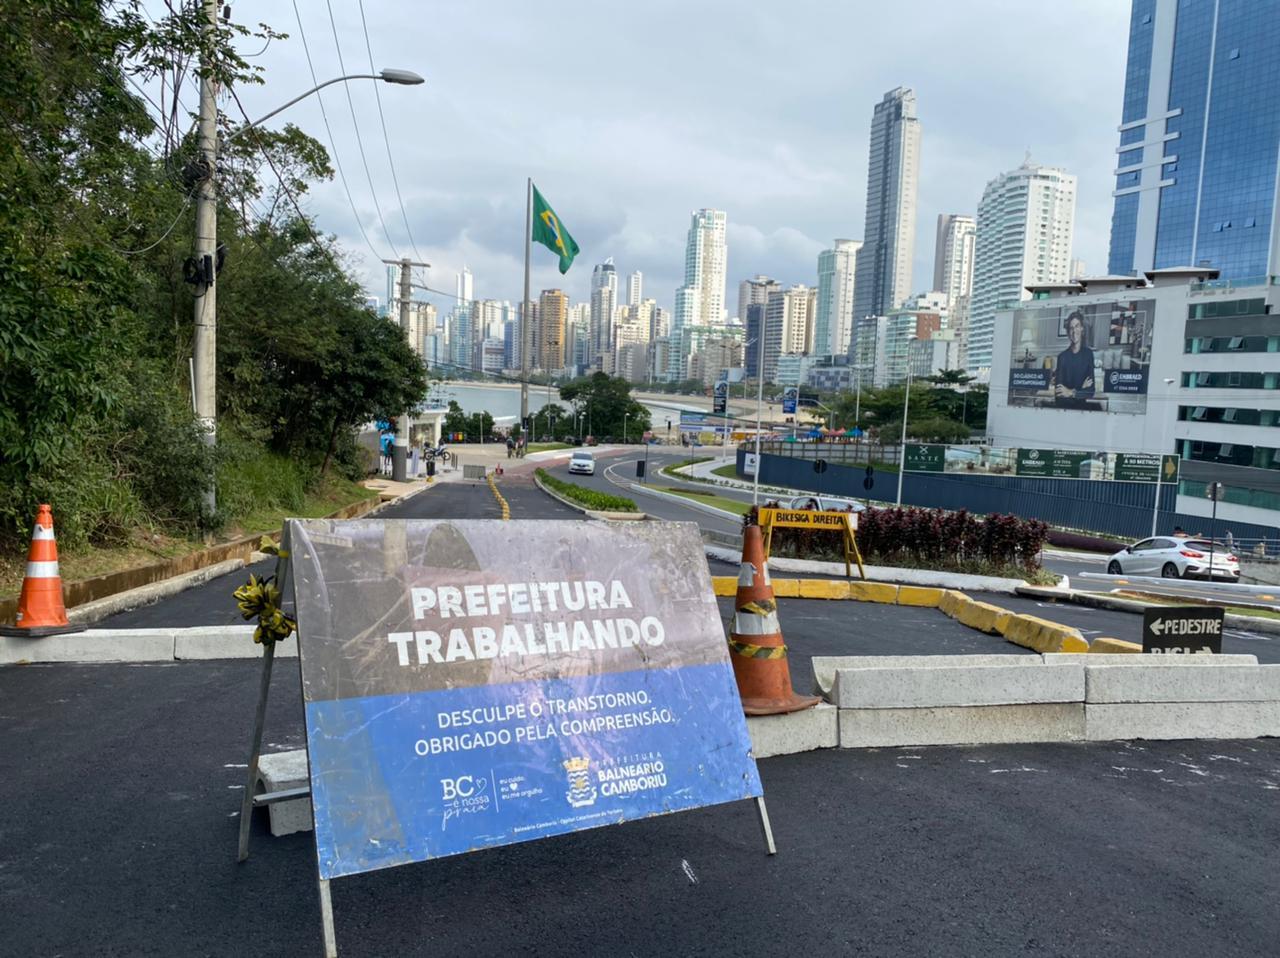 Ciclovia com Obstáculos: Estrada da Rainha em obras, projeção para turismo de contemplação em Balneário Camboriú